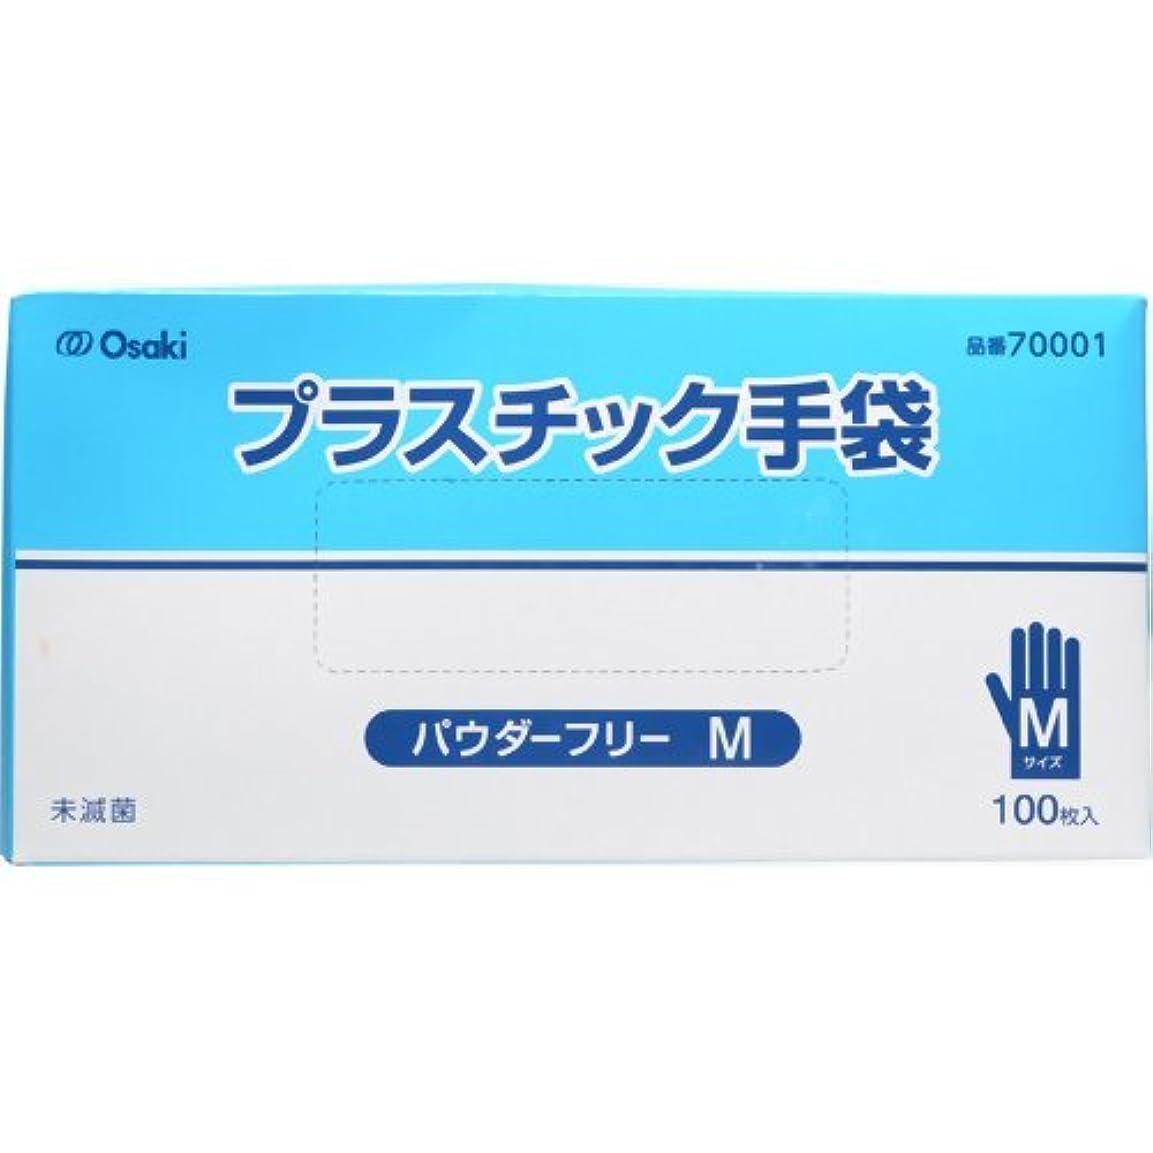 非行ユニークなブレーキオオサキメディカル プラスチック手袋 PF Mサイズ 100枚入